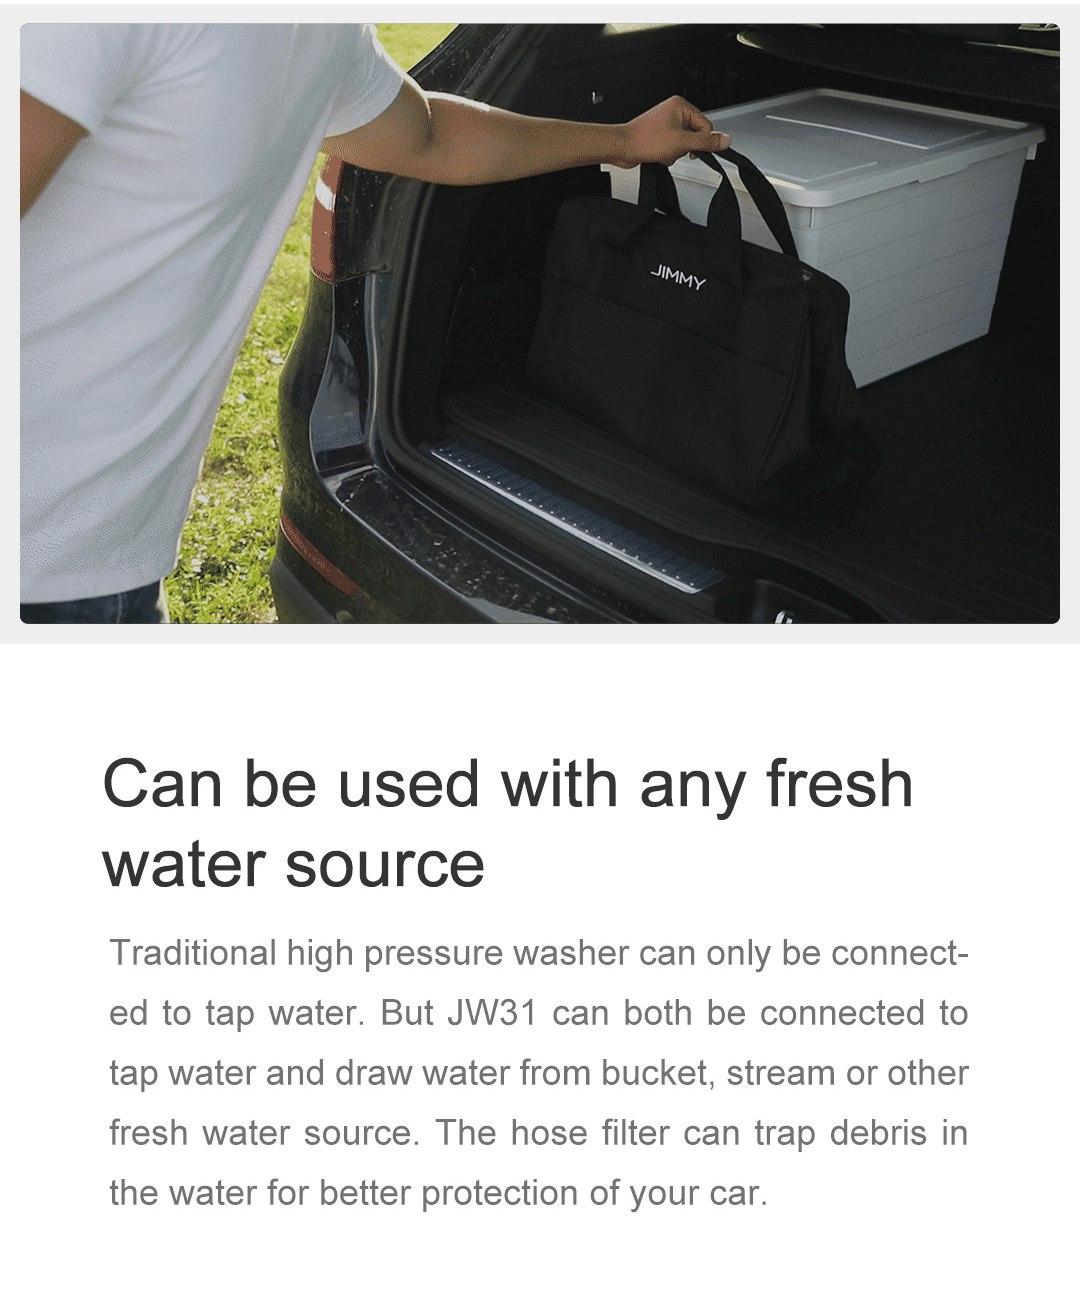 Xiaomi JIMMY JW31 Leggero Rondella di pressione a batteria Rondella autopulente Lancia lunga pulizia Eco Modalità di risparmio energetico Pulitore portatile Versione globale - Nero